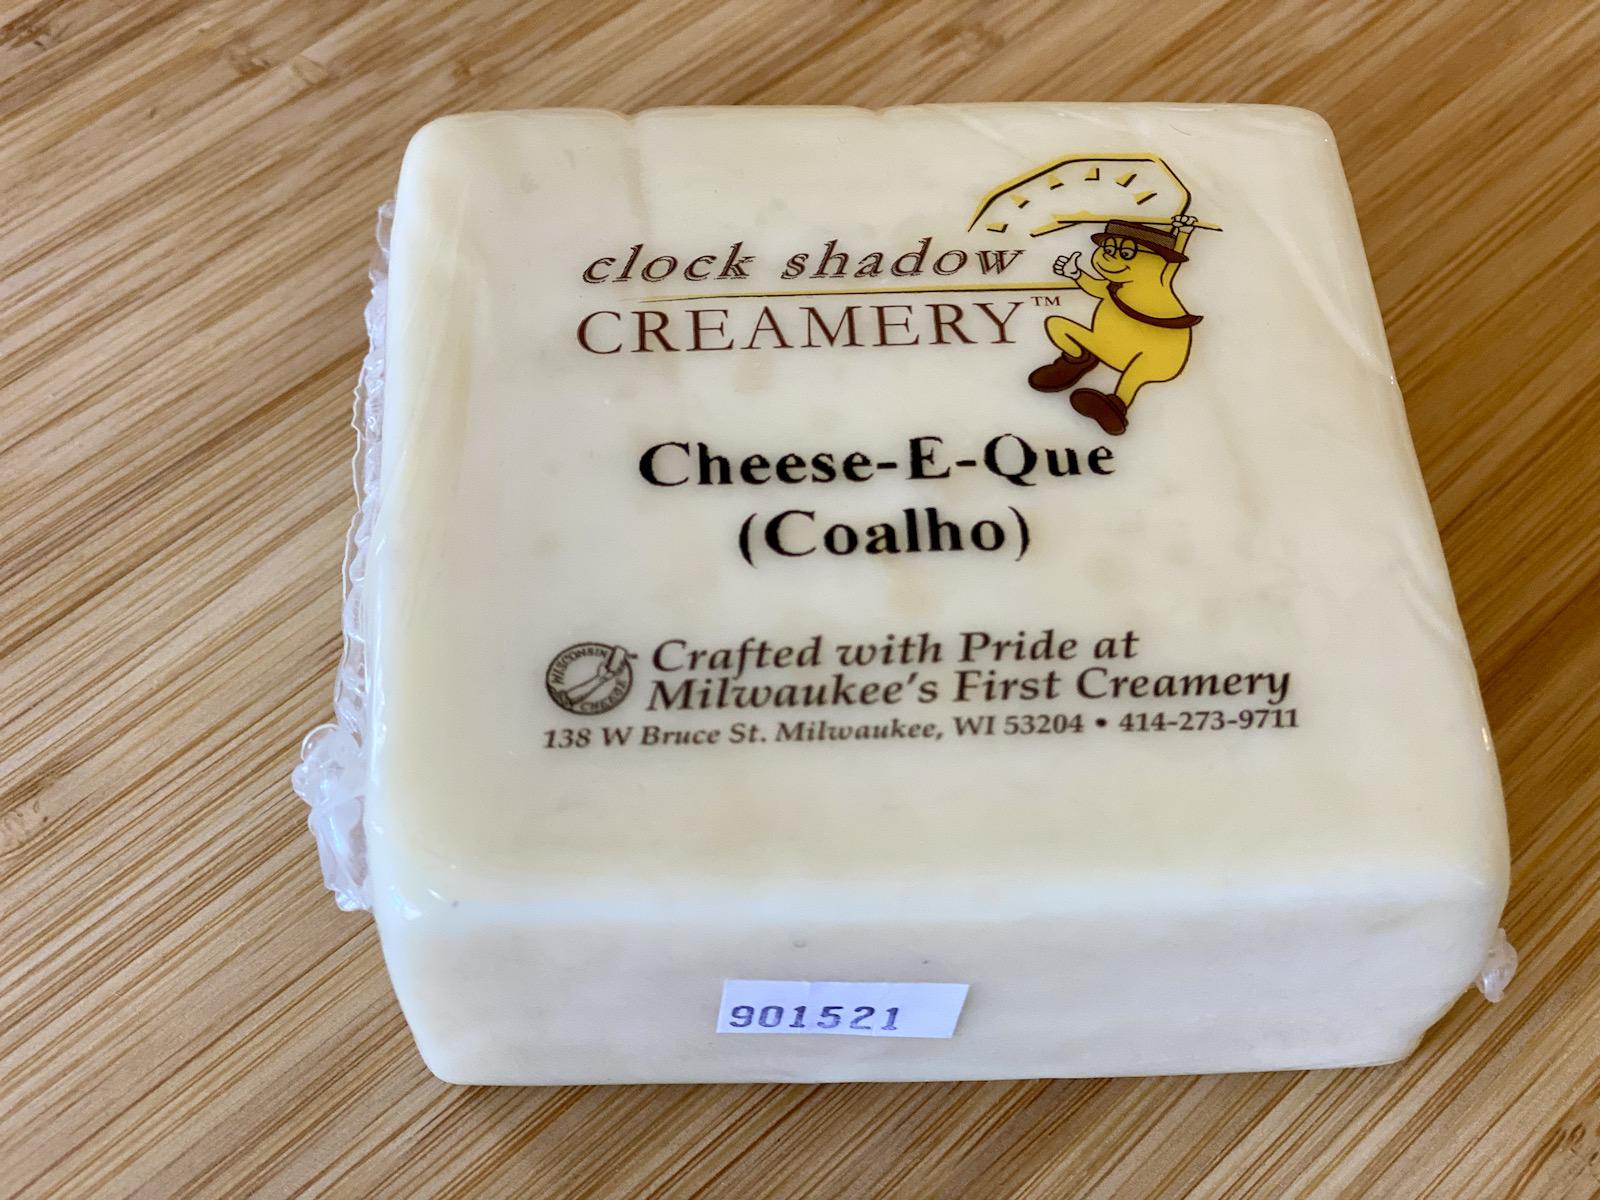 Cheese-E-Que